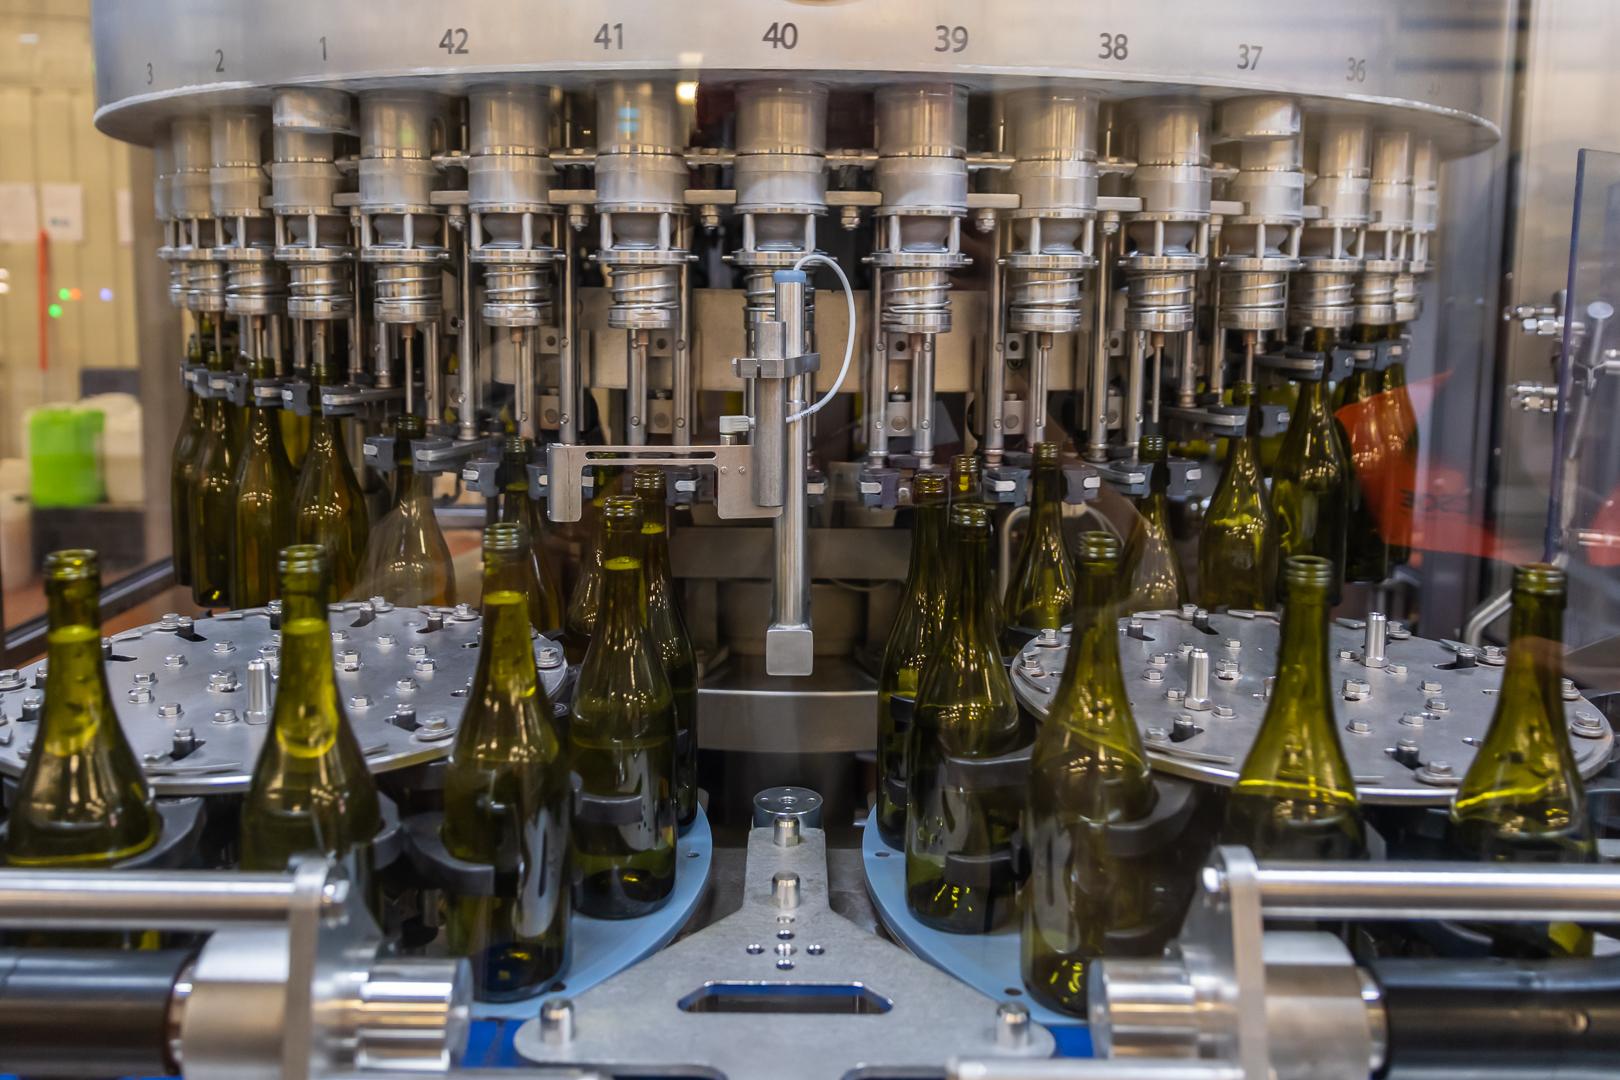 2076Autorisation d'externalisation des mises étiquetées « mis en bouteille au château » : comment ça marche ?